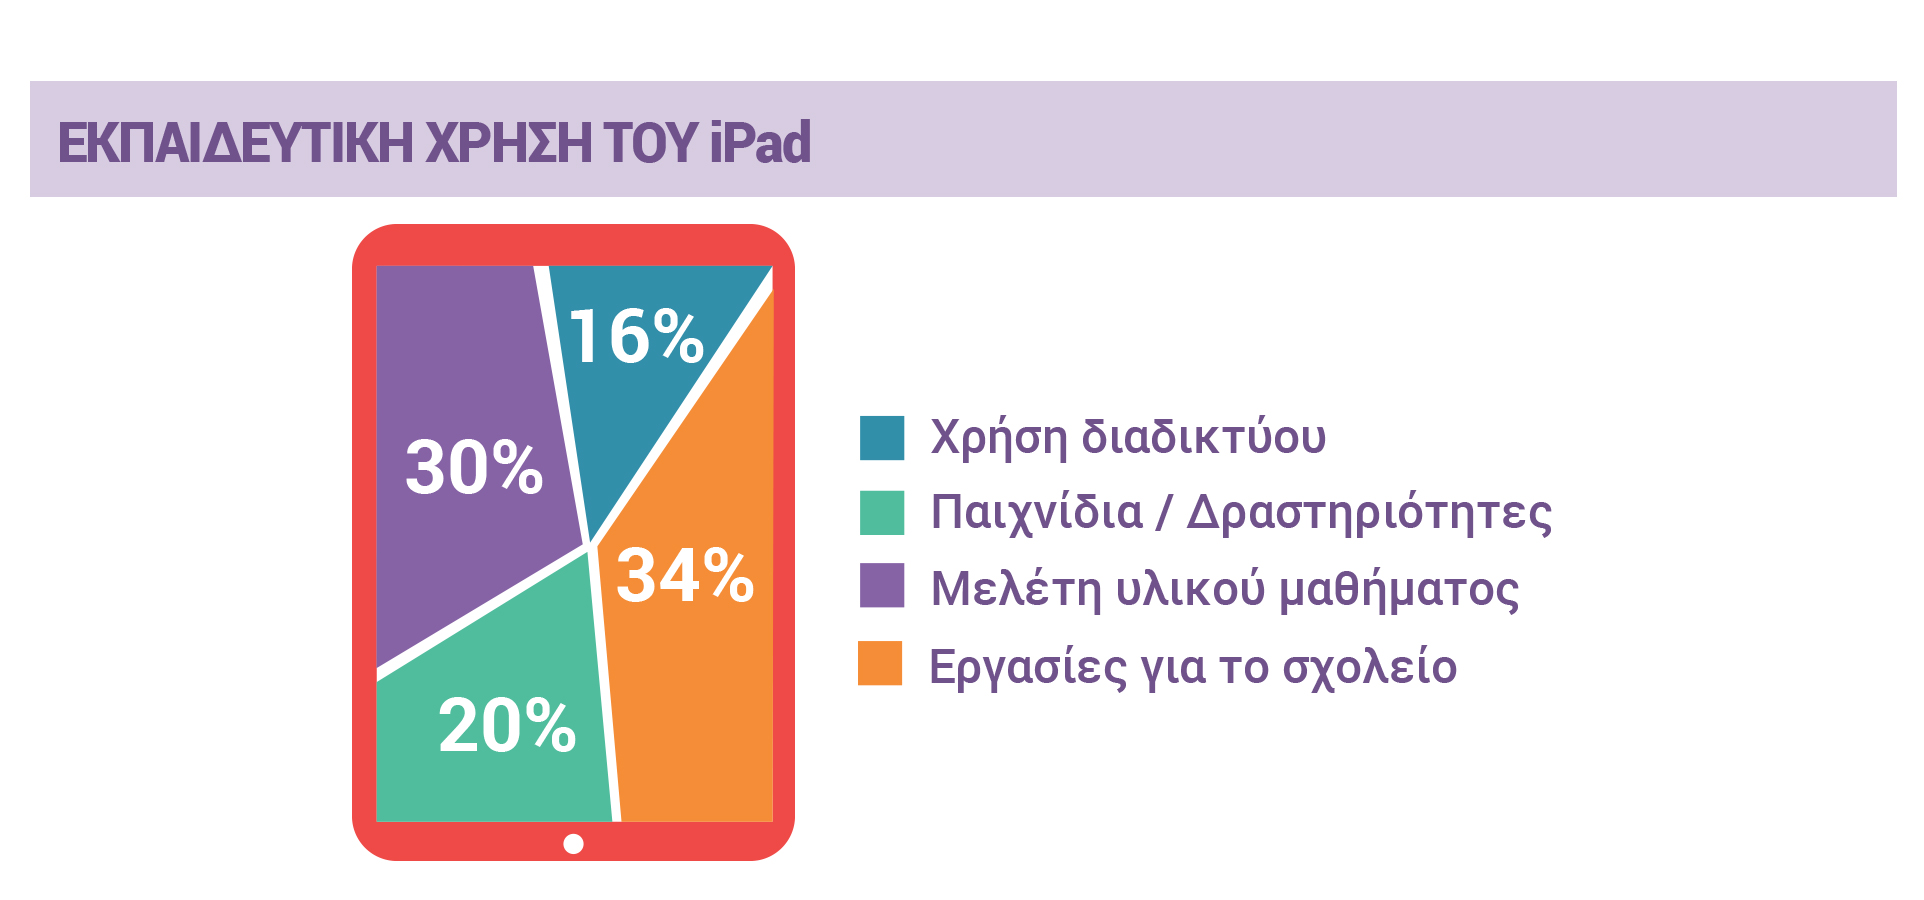 ΕΚΠΑΙΔΕΥΤΙΚΗ ΧΡΗΣΗ ΤΟΥ iPad 16% Χρήση διαδικτύου, 20% Παιχνίδια / Δραστηριότητες, 30% Μελέτη υλικού μαθήματος, 34% Εργασίες για το σχολείο